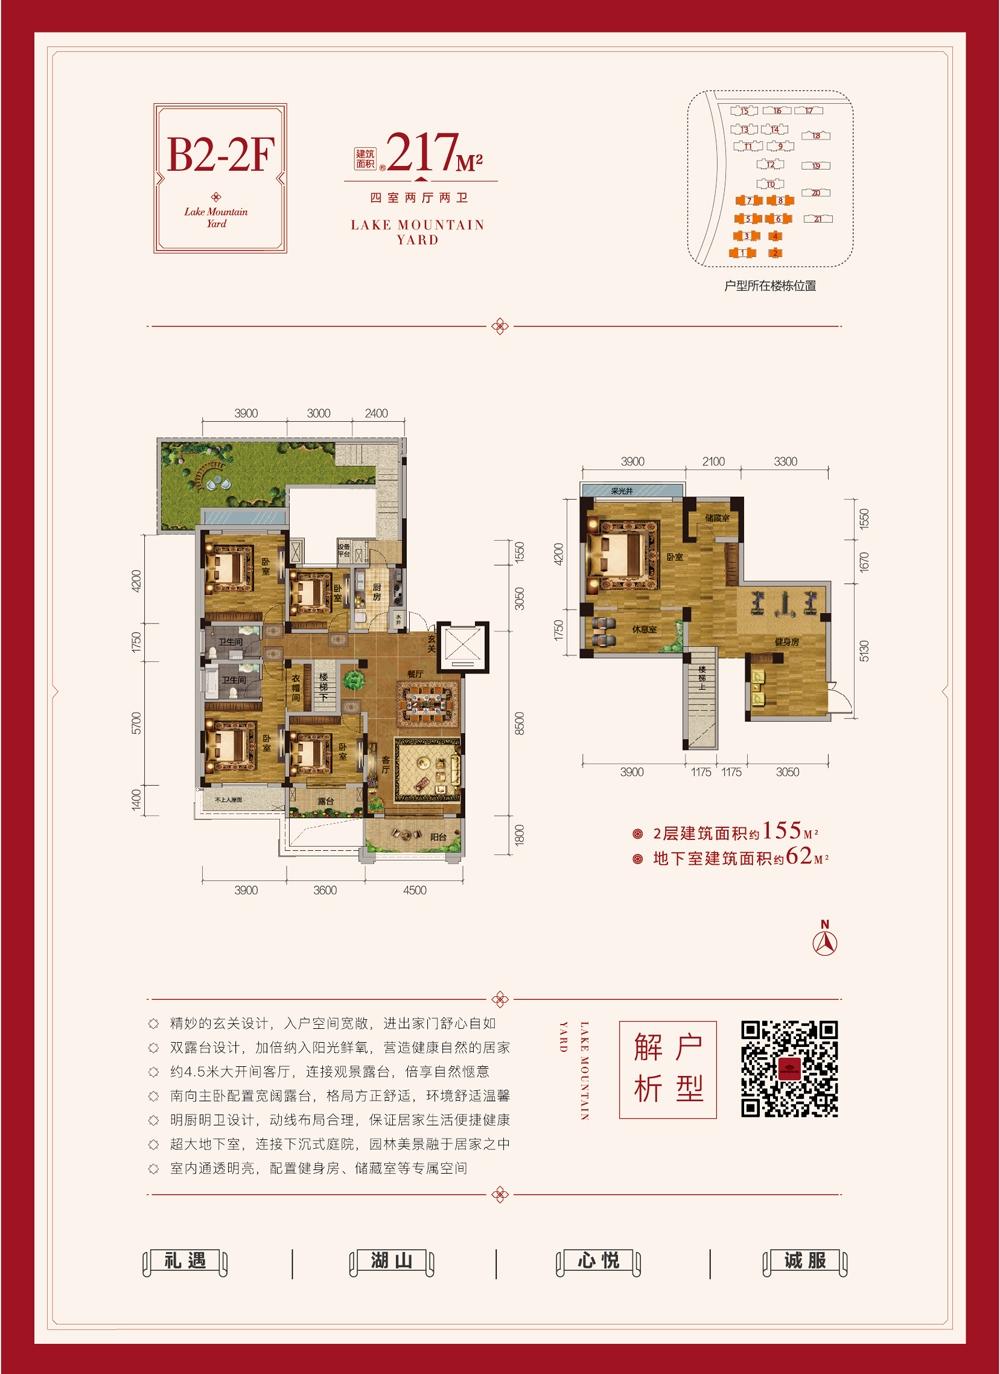 悦湖山院B2-2户型 217㎡